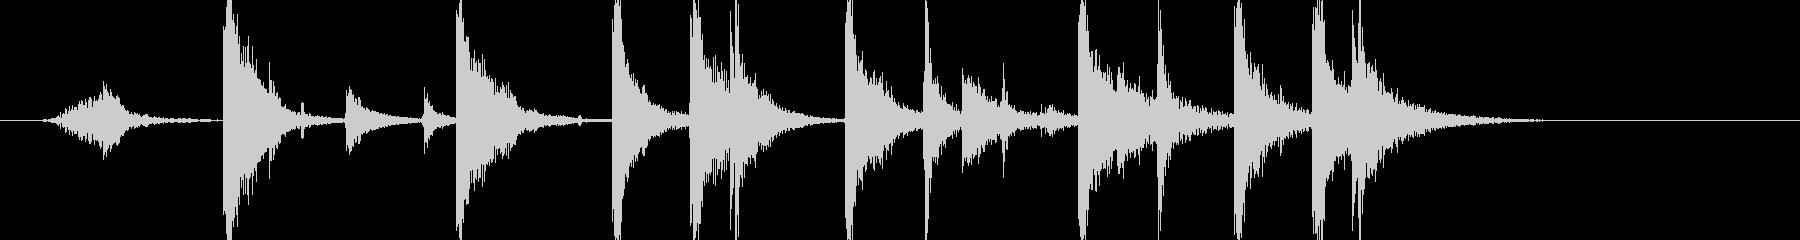 和風 ロックフレーズな三味線の未再生の波形